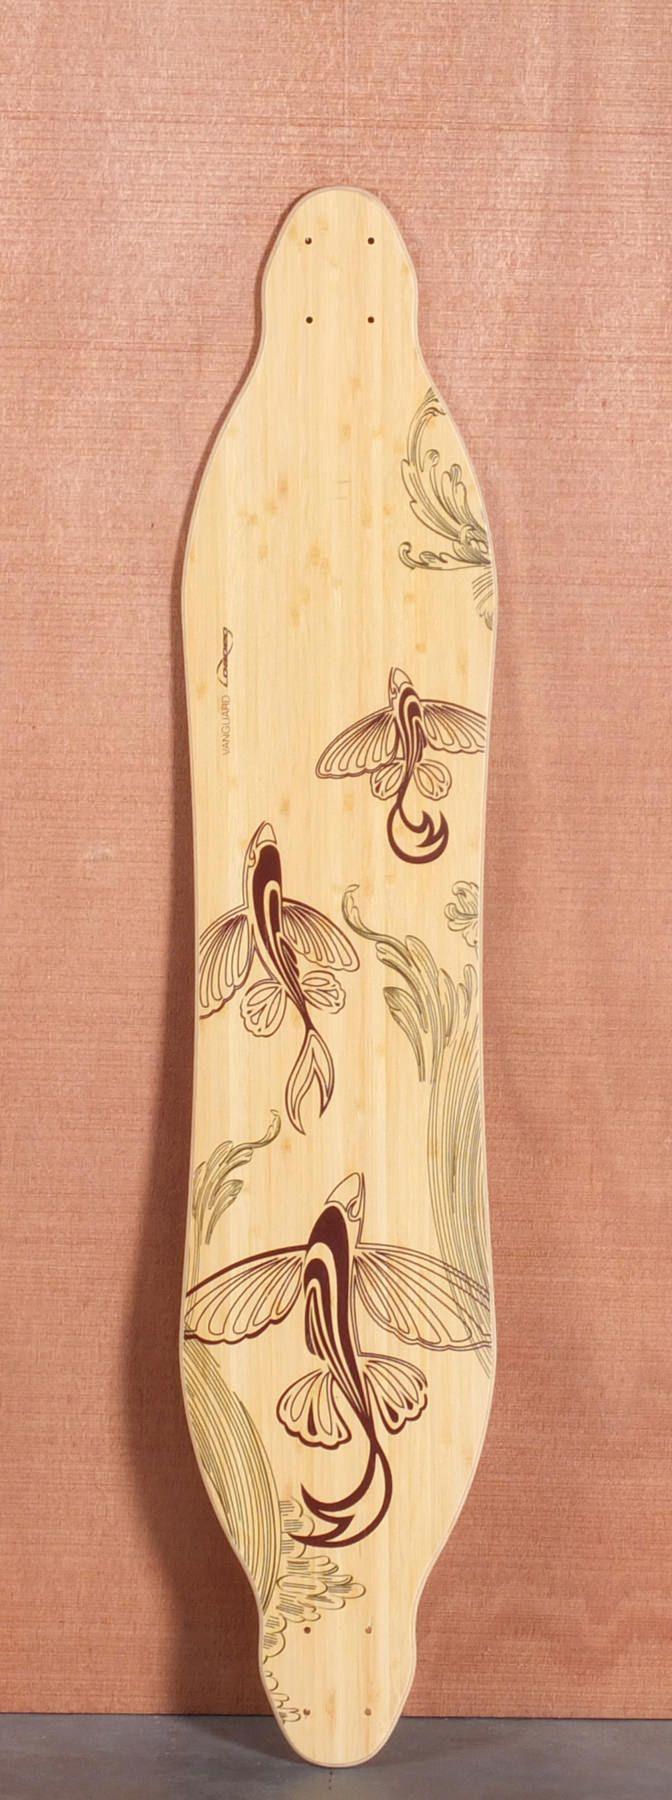 Loaded Vanguard Longboard Deck, Flex 2   Tattoo On Wood